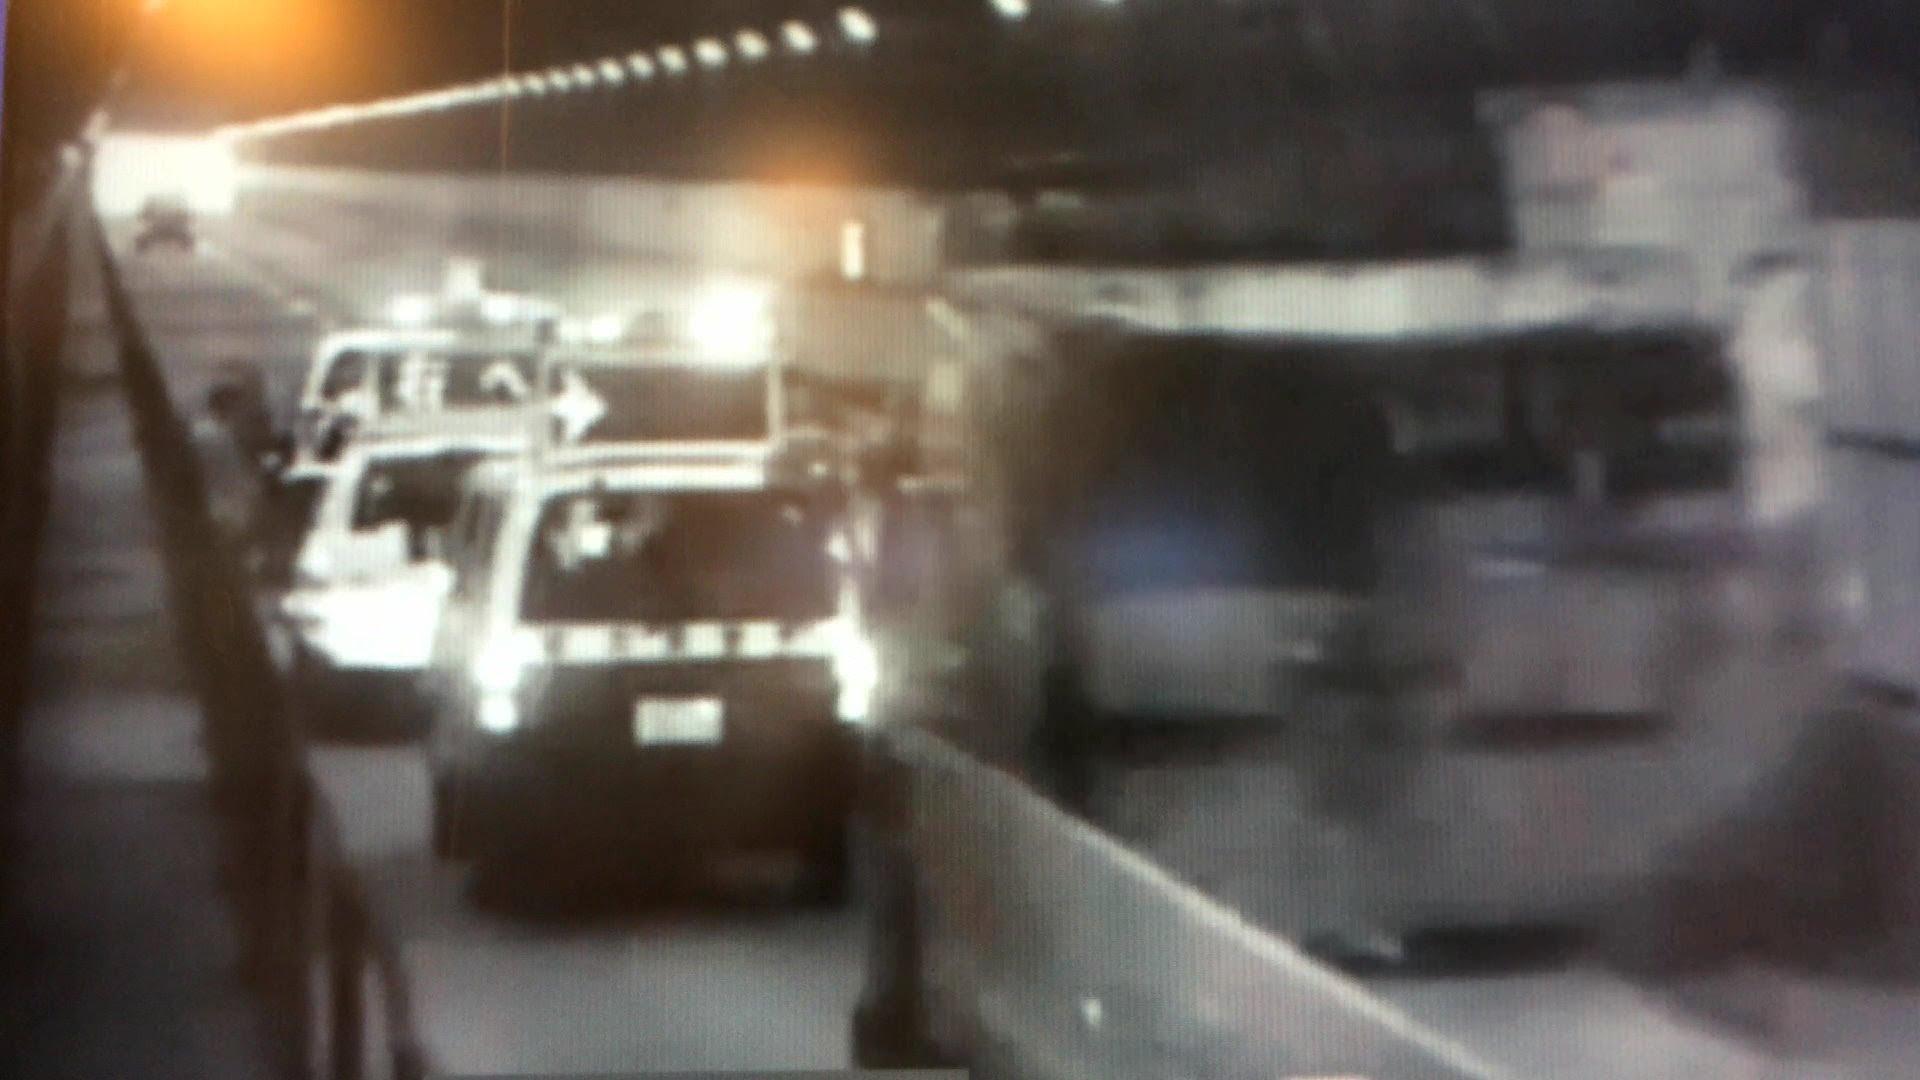 警察車両にトラックが追突、大破 これで怪我人無し 運の良い人たち